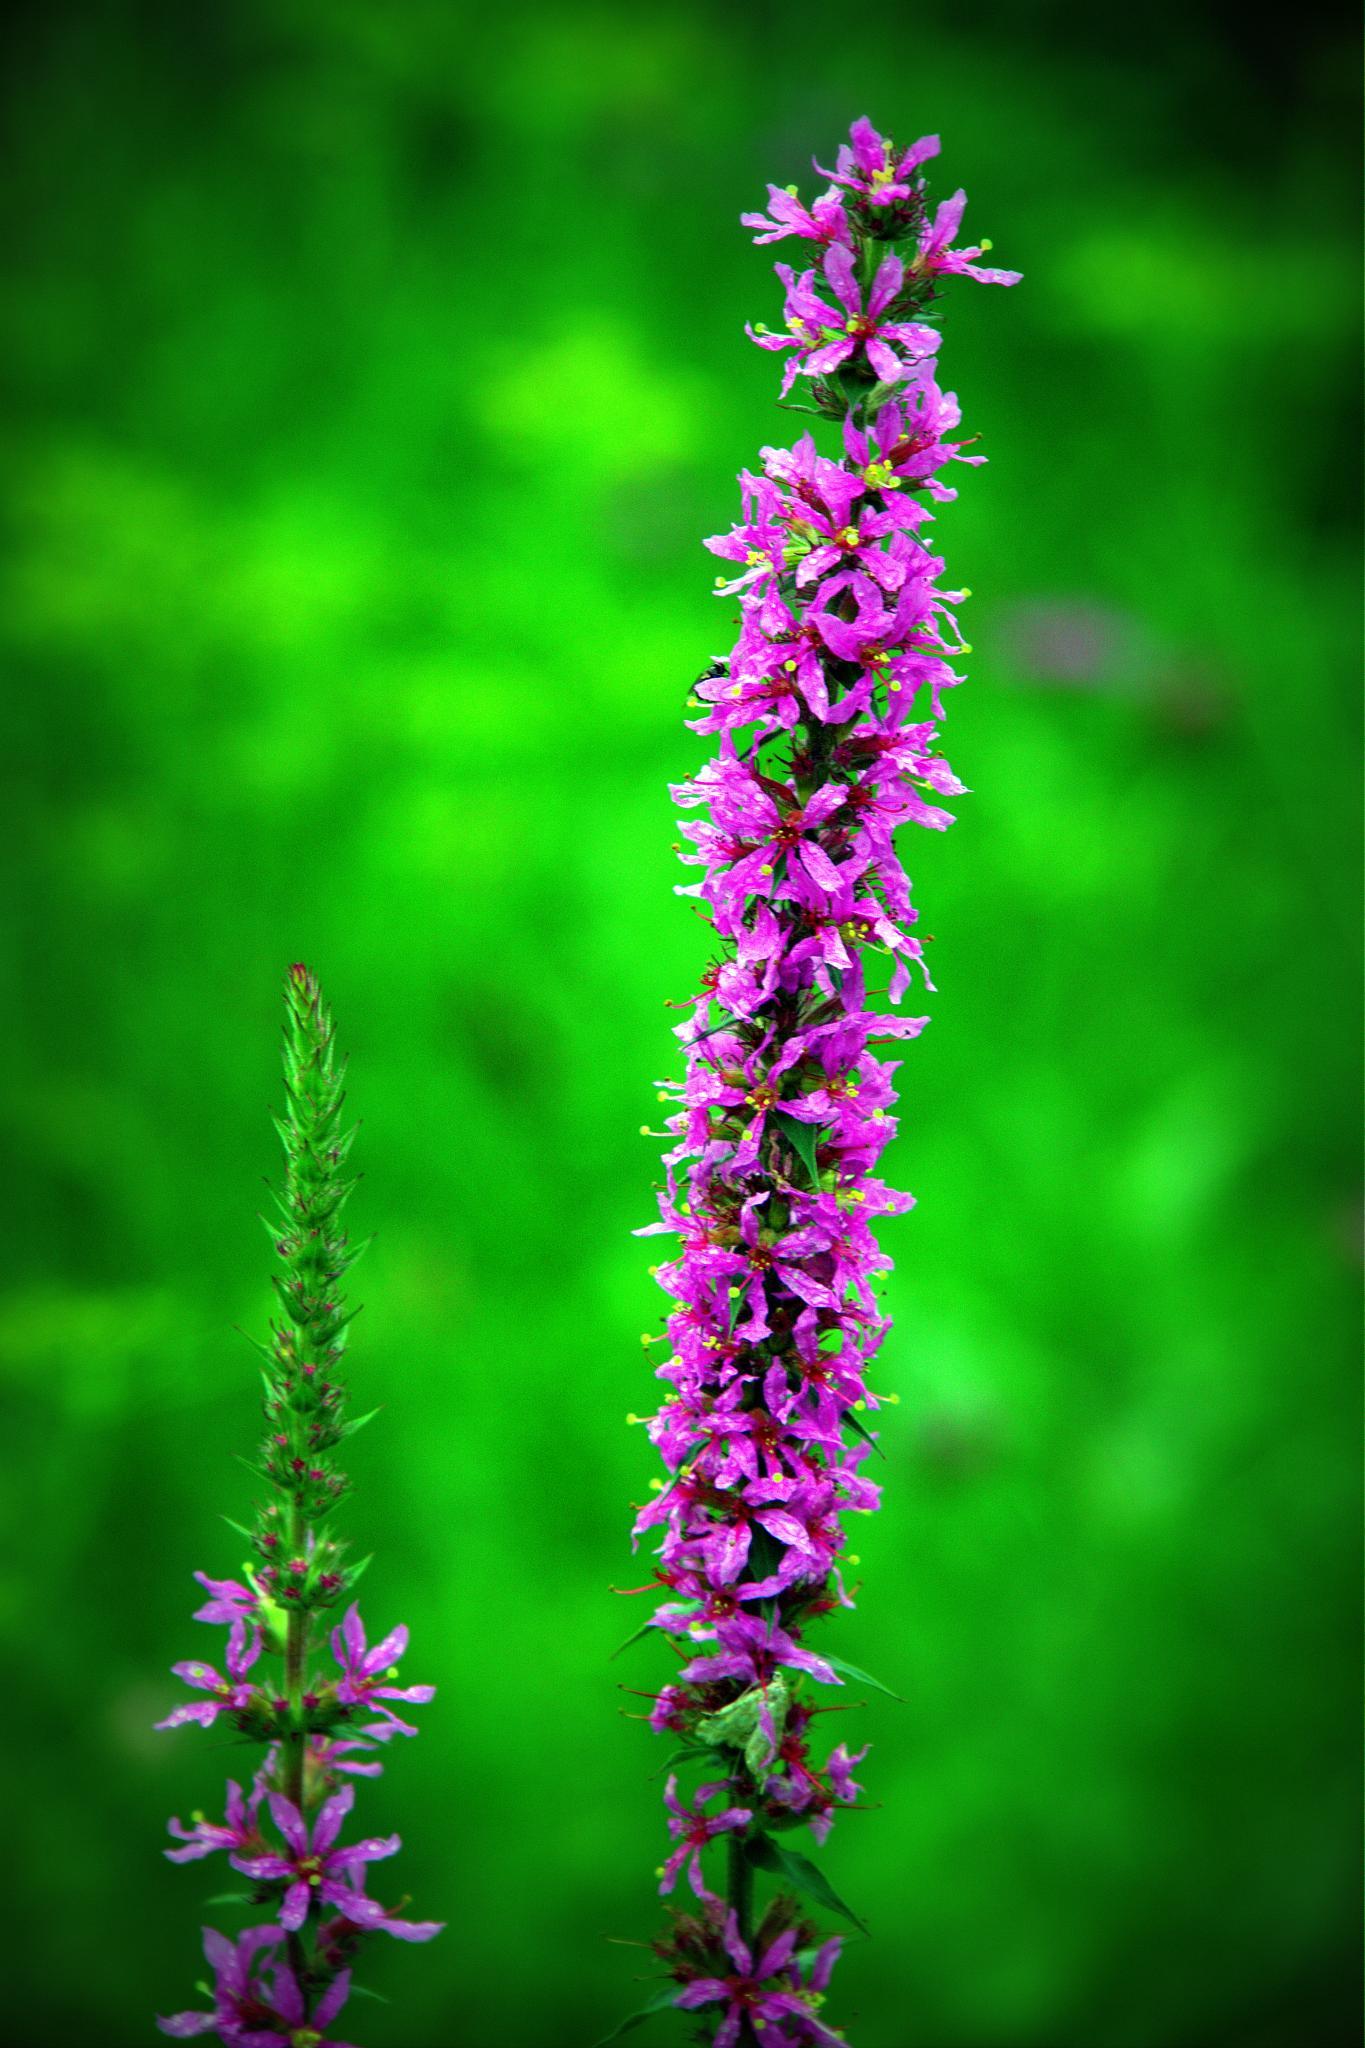 Meadow flower by leopold.brzin